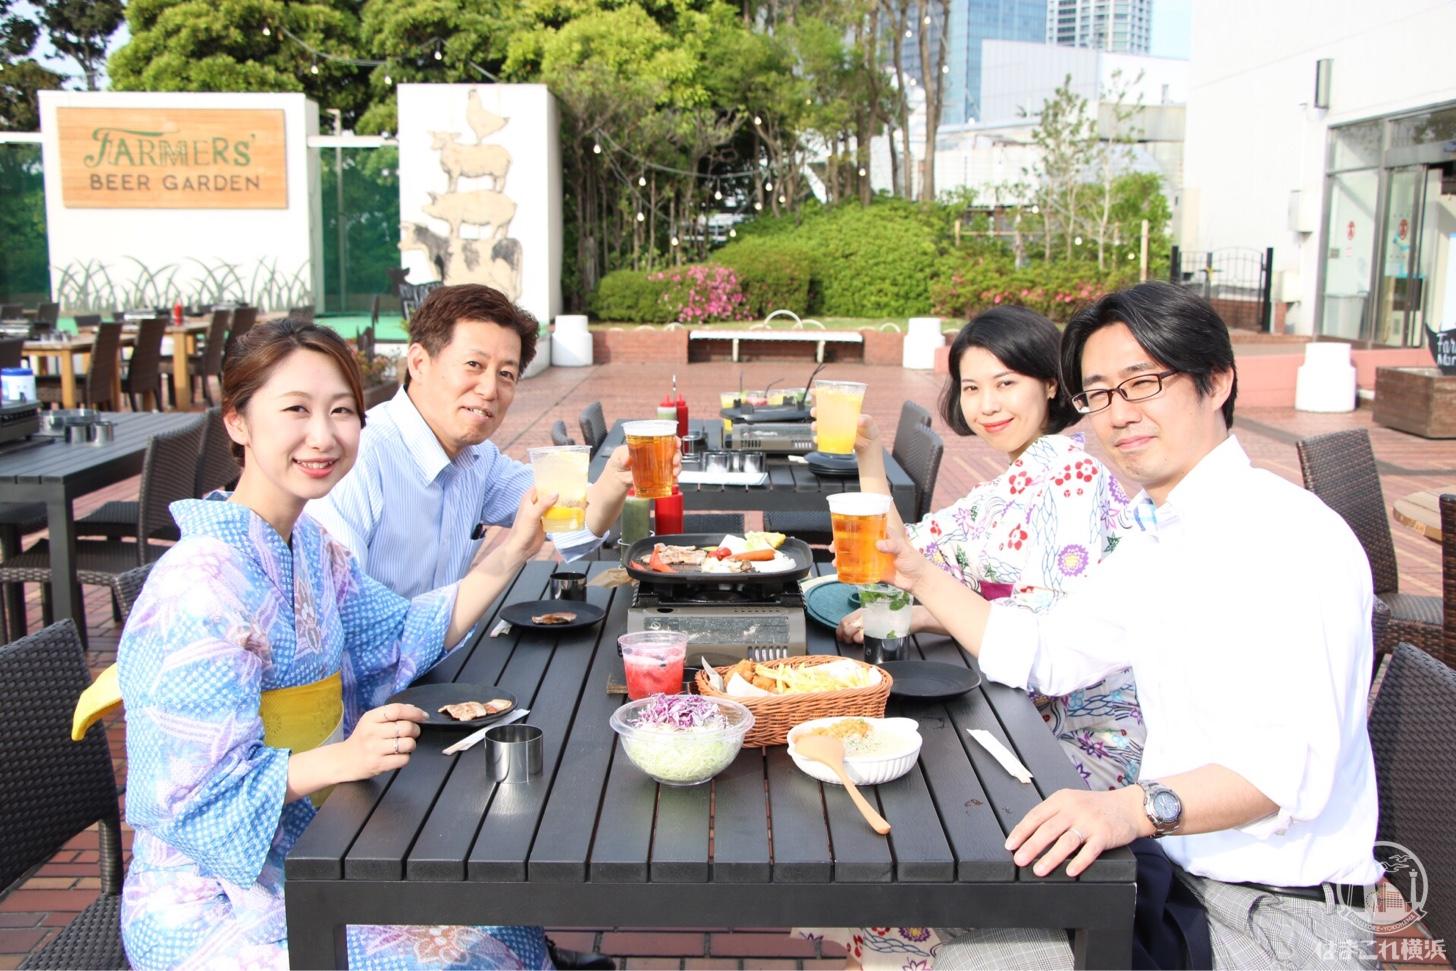 2018年 横浜高島屋屋上に「ファーマーズビアガーデン」がオープン!新鮮野菜揃うビアガーデン